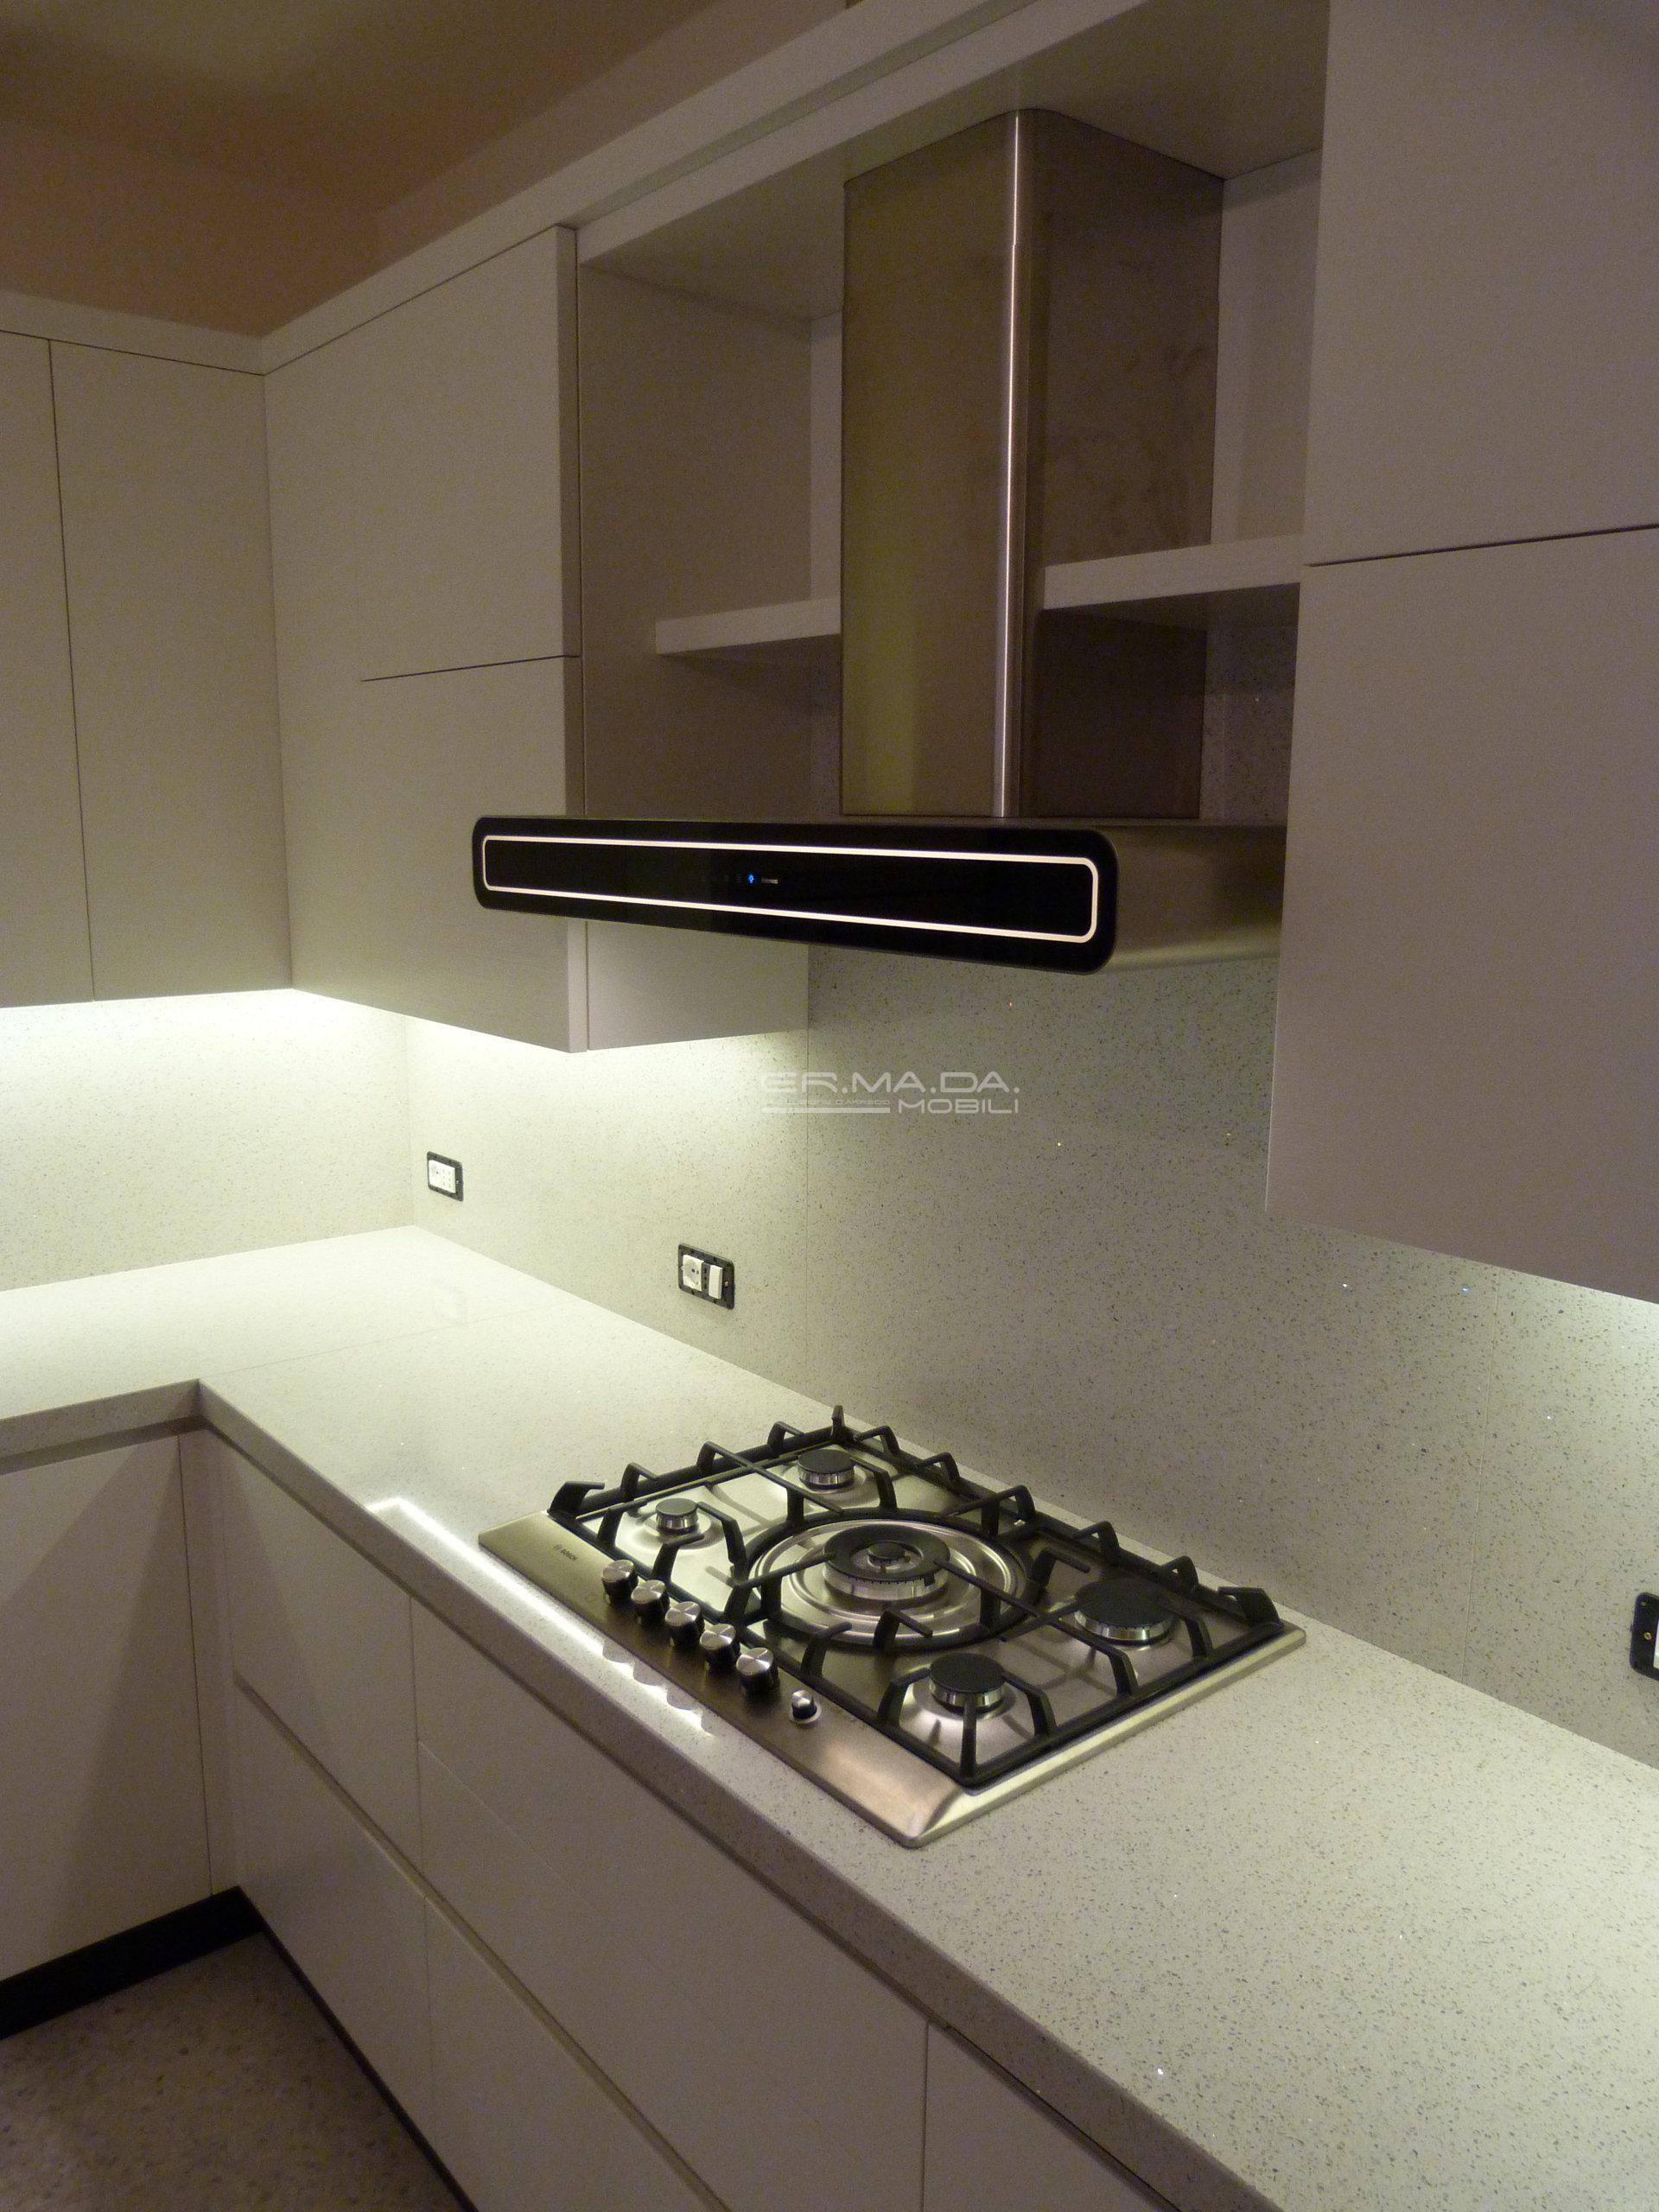 16 Cucina moderna laccata frassino bianco - ER. MA. DA. Mobilificio ...